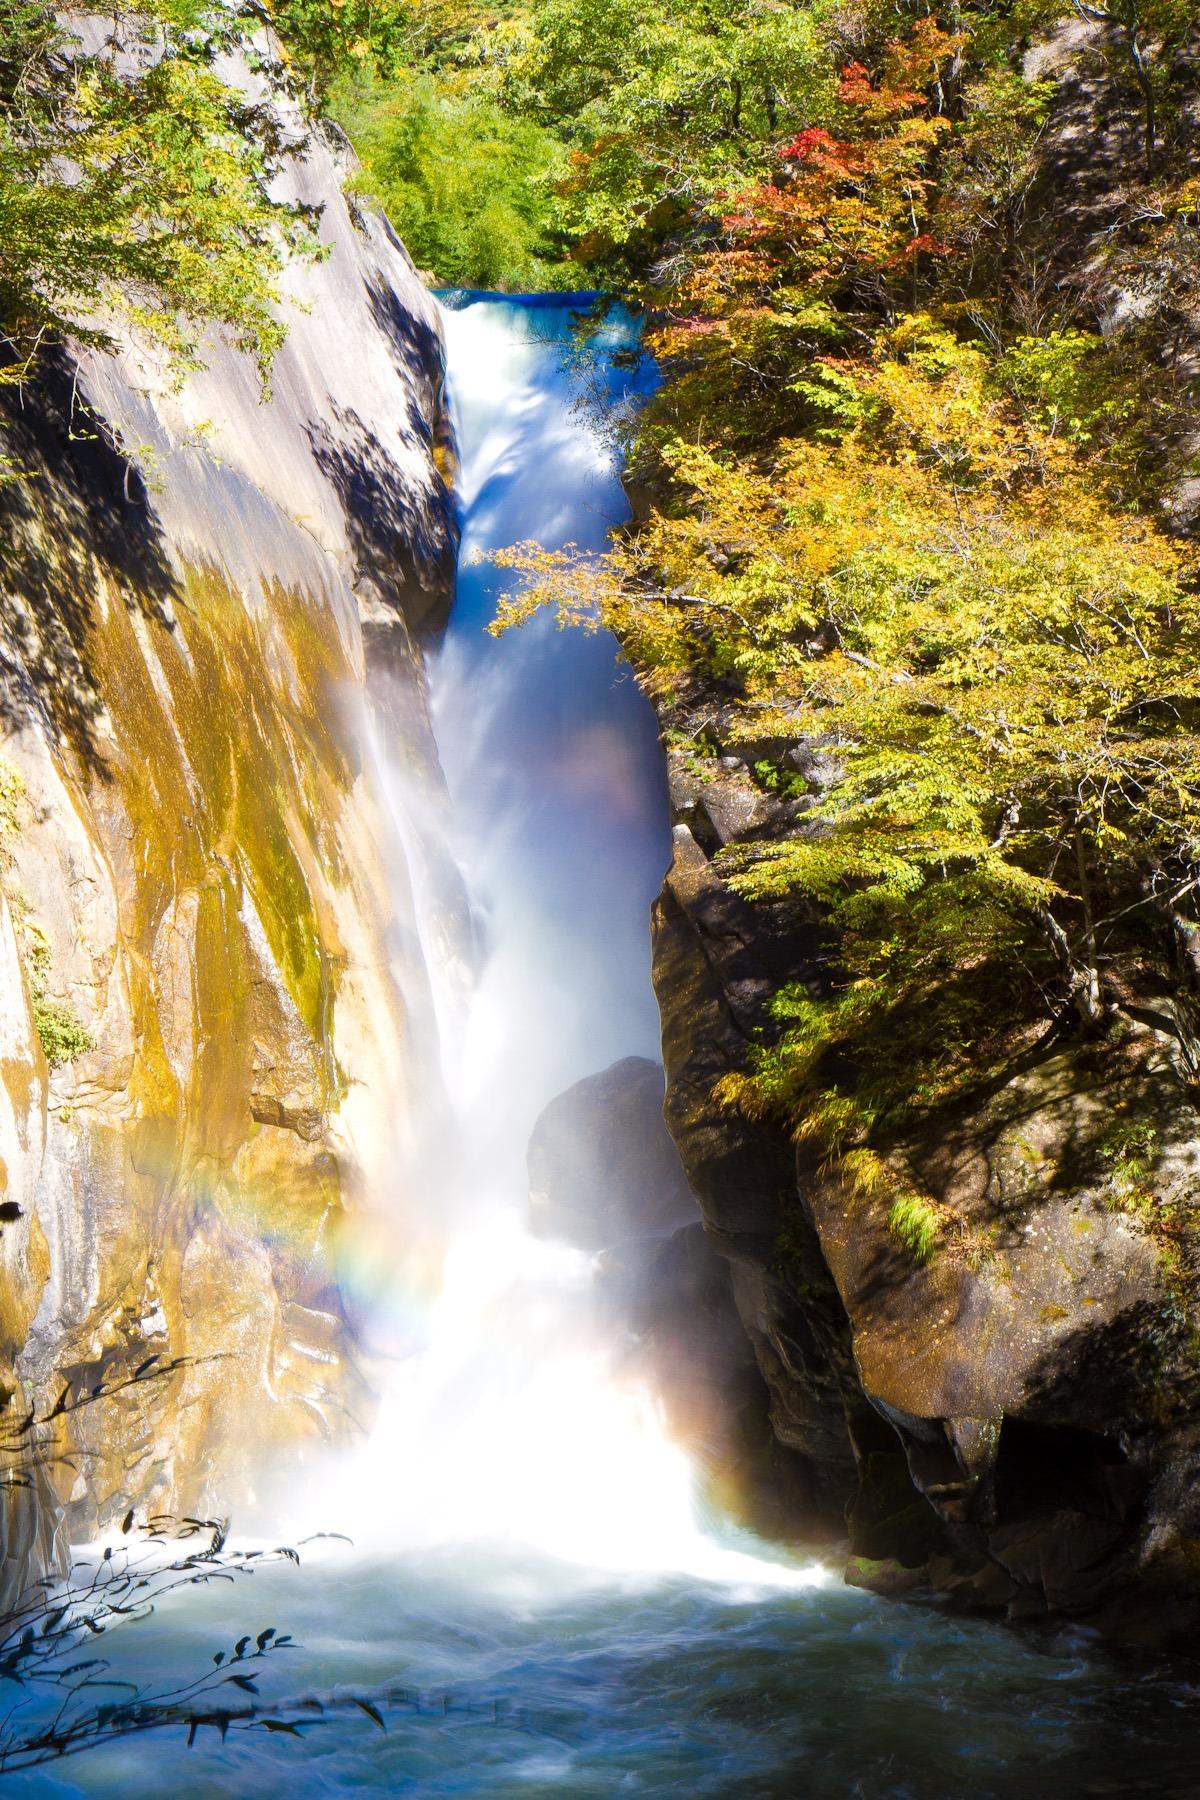 Gambar Pemandangan Alam Pedesaan Yang Indah